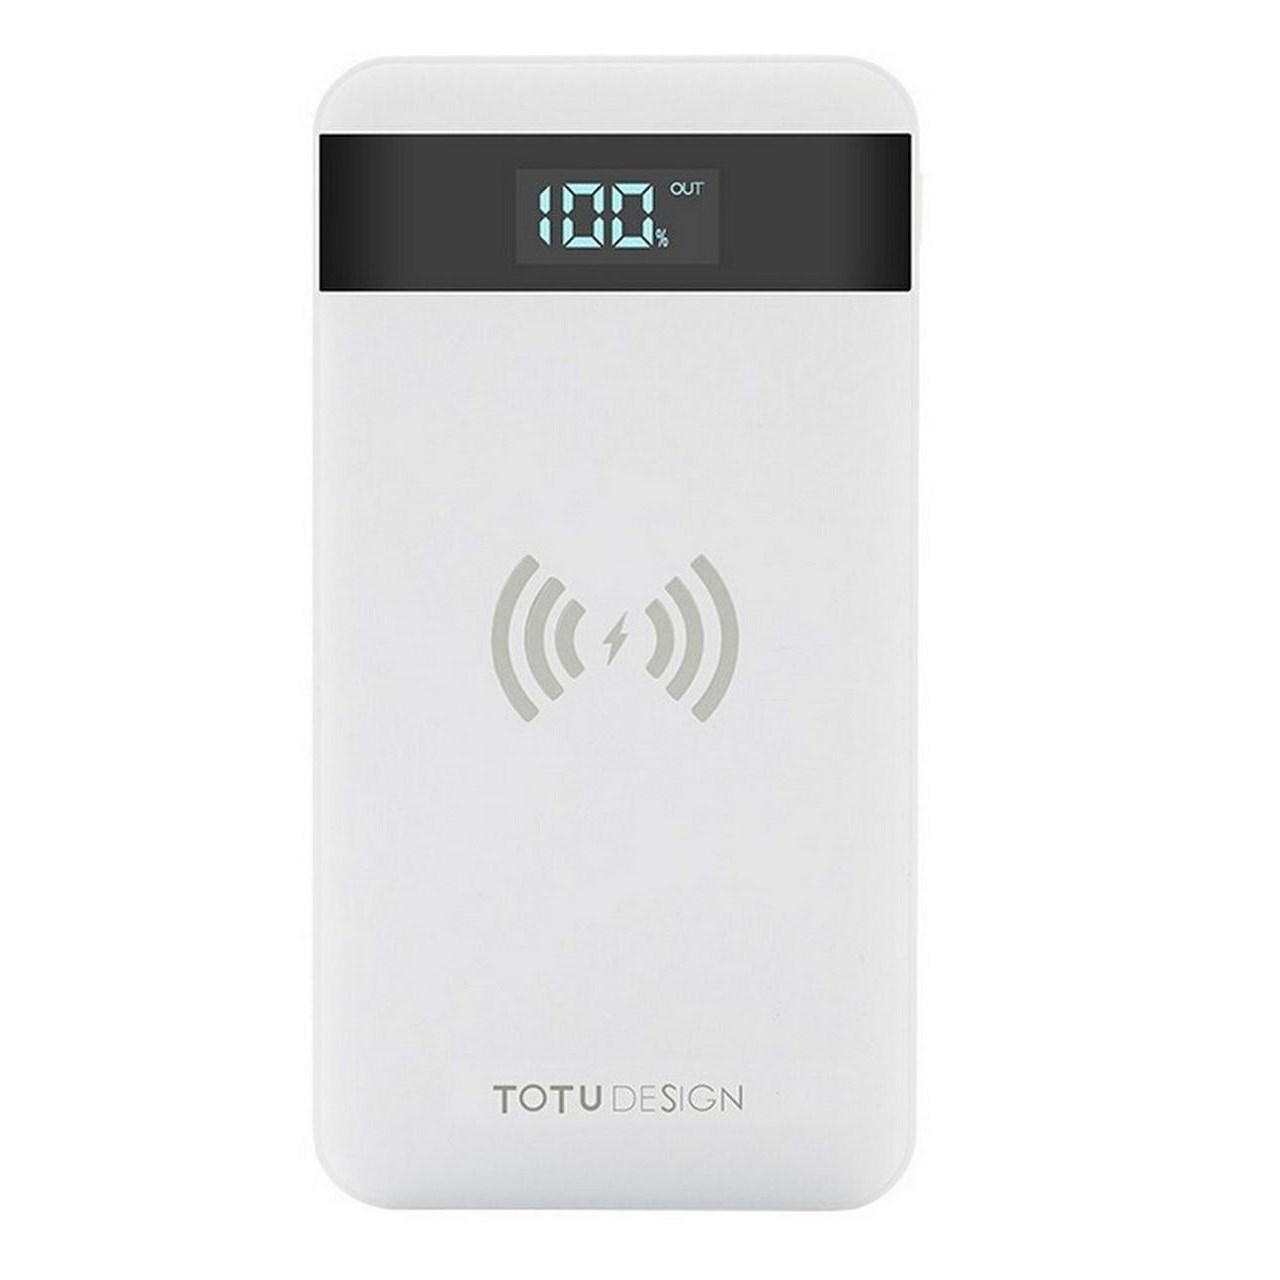 عکس پاوربانک توتو با قابلیت شارژ وایرلس مدلPBW01 با ظرفیت10000 میلی آمپر ساعت